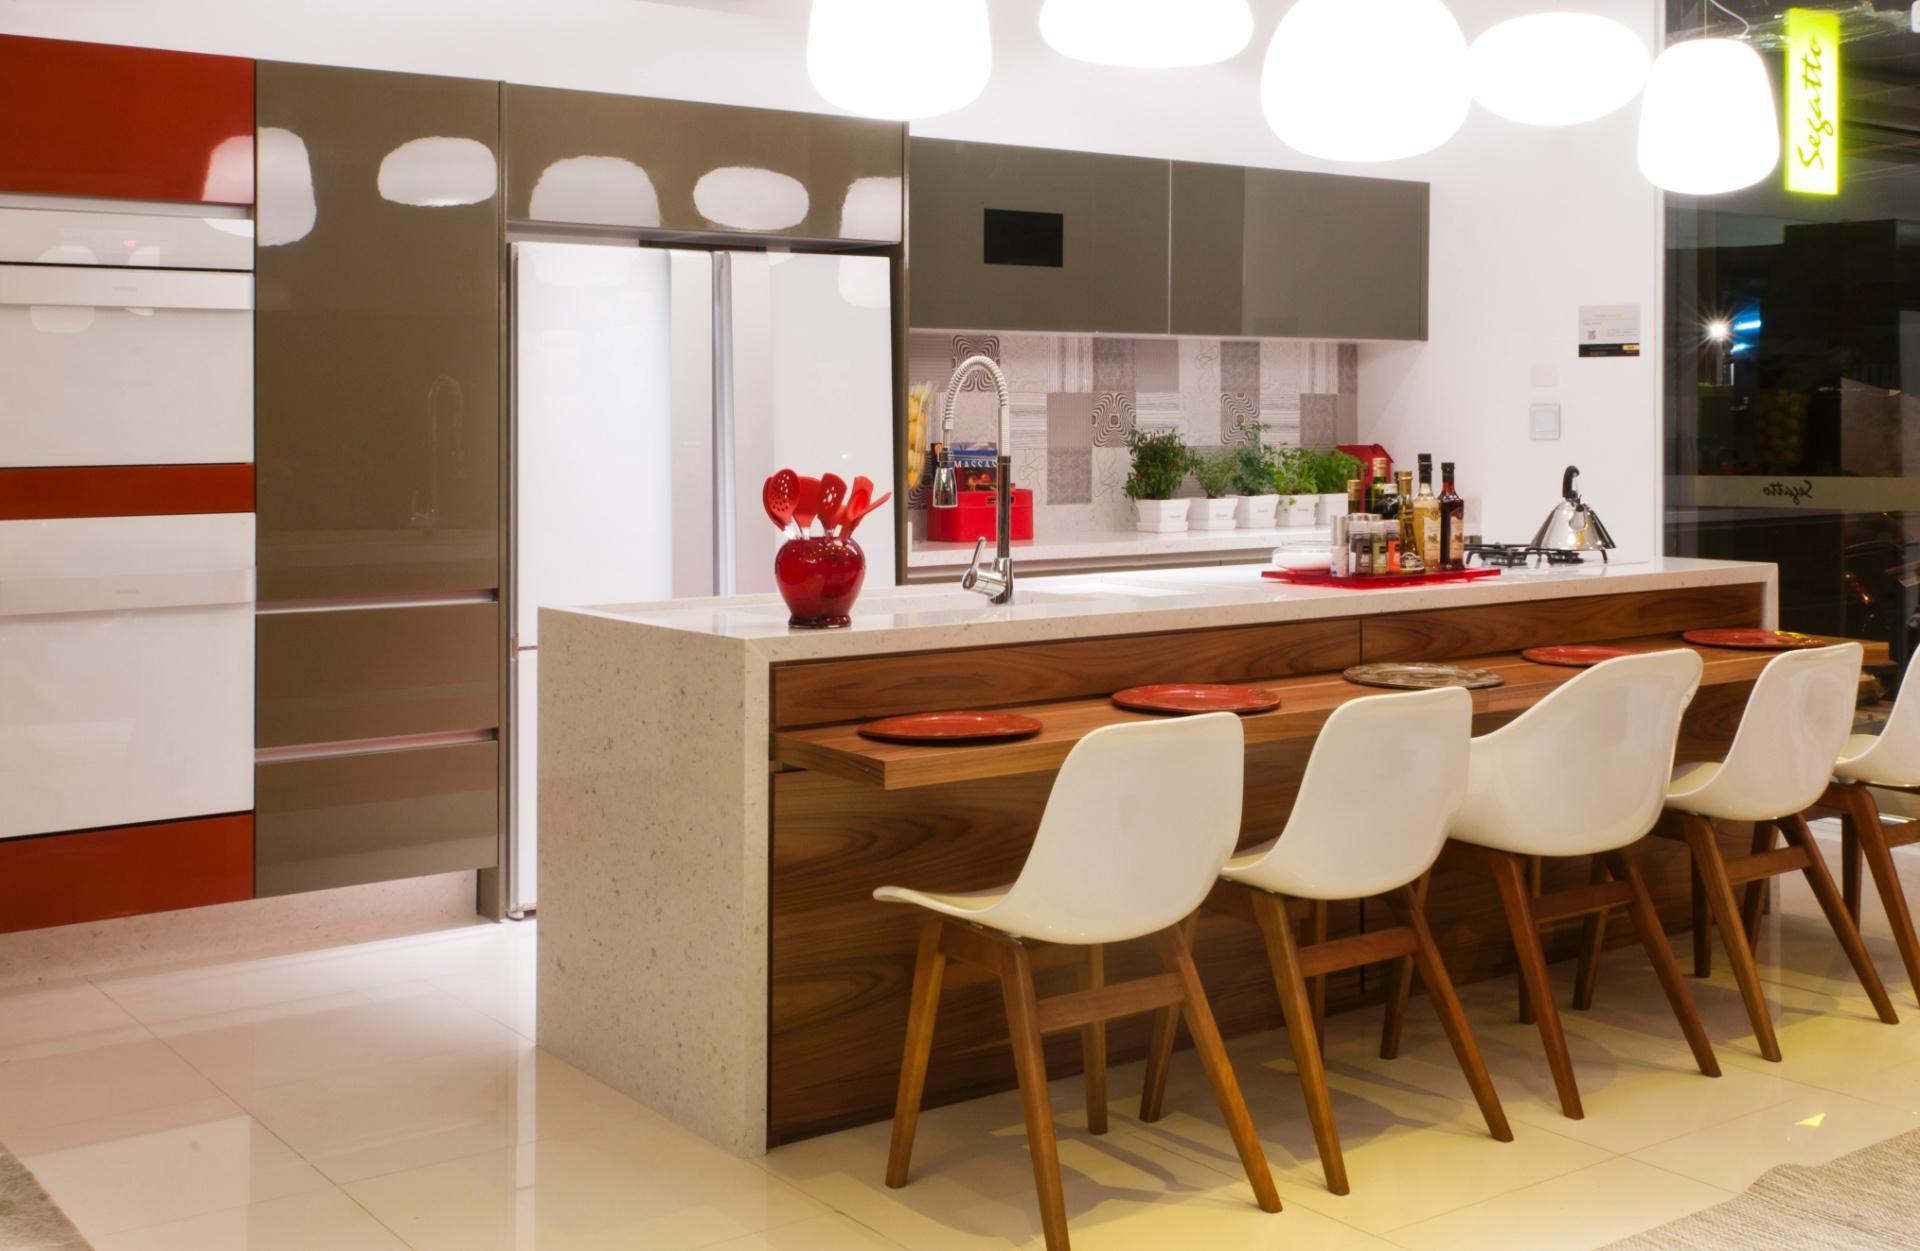 Integre sua cozinha à área de jantar e faça as refeições em família. O ambiente projetado pela arquiteta Irene Torre em parceria da marca Segatto prezou por uma mescla de cores e texturas, como madeira e vidro colorido